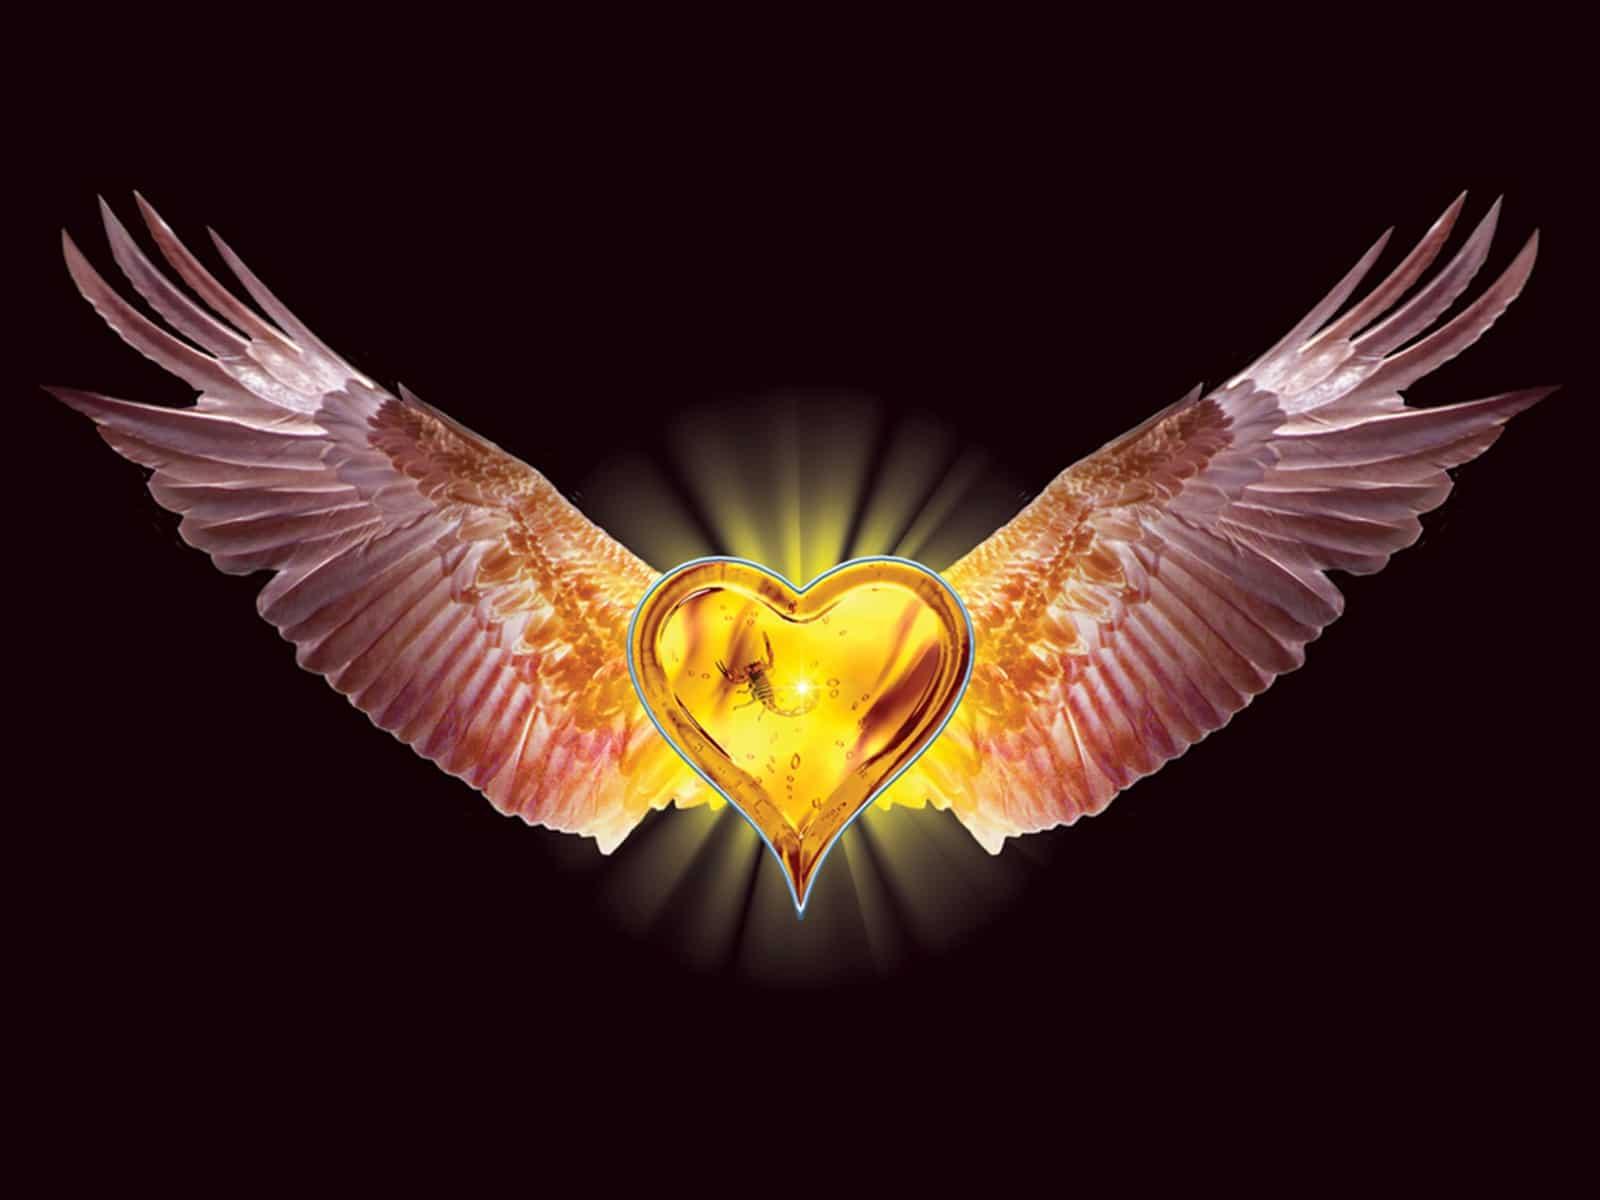 inima-cu-aripi-de-vultur